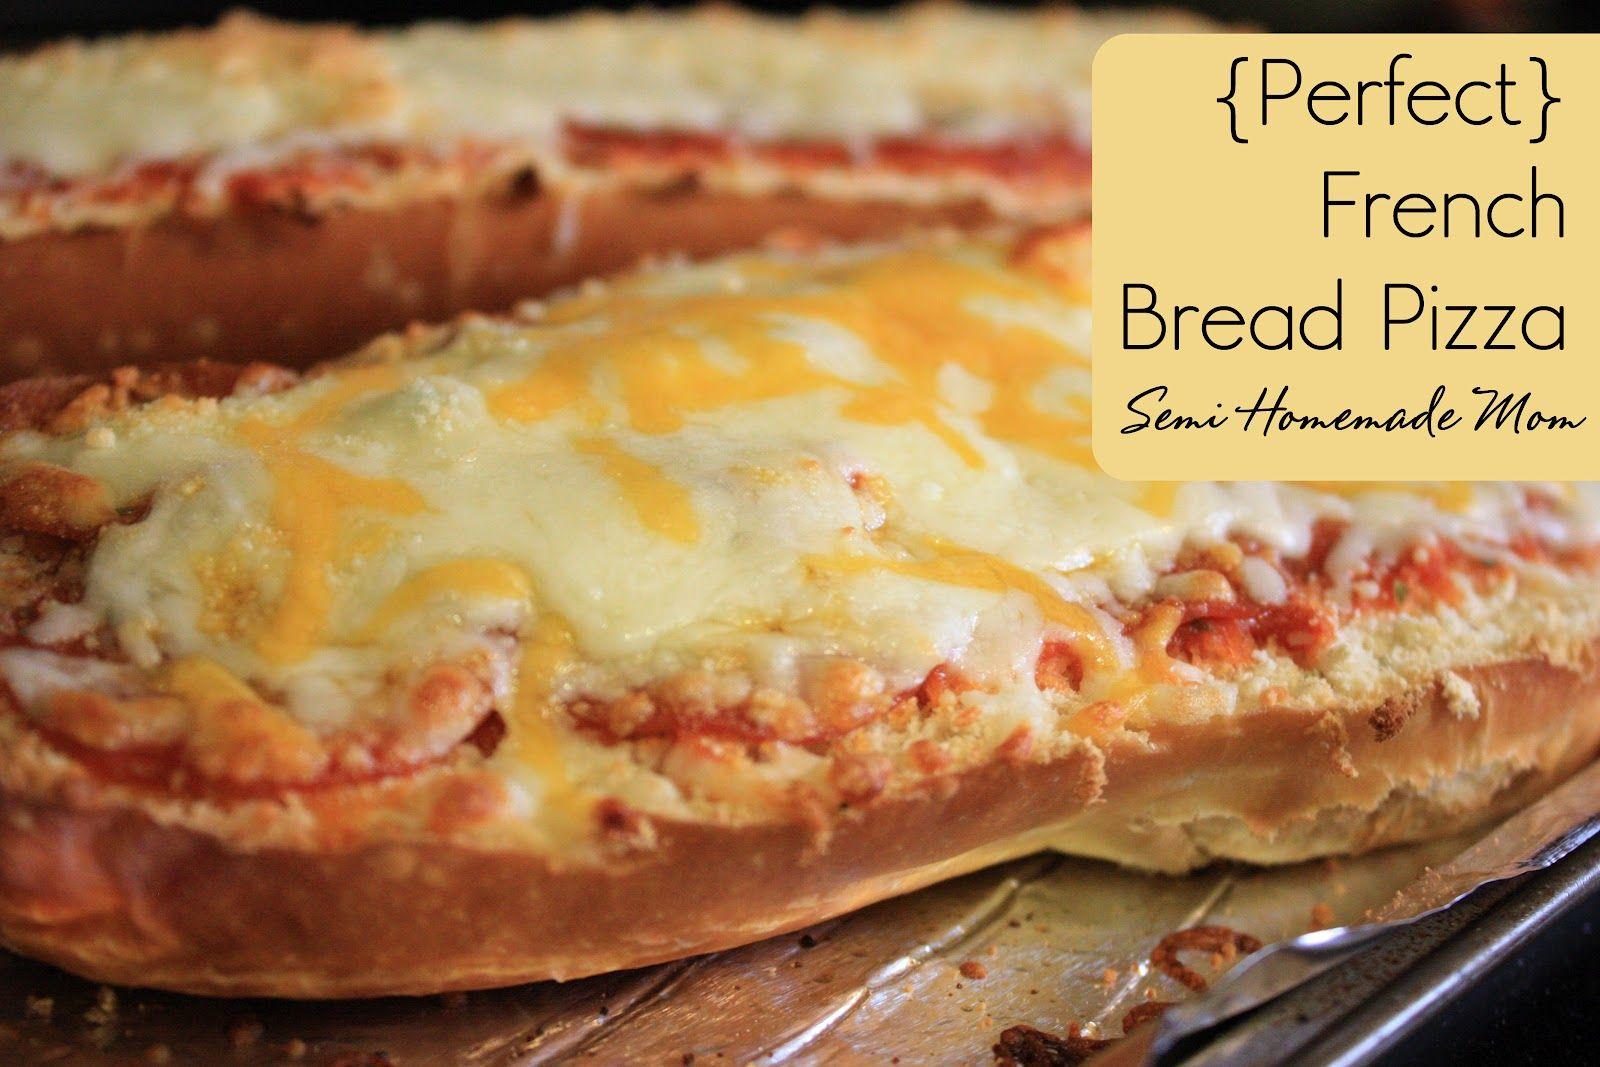 Semi Homemade Mom: Perfect French Bread Pizza